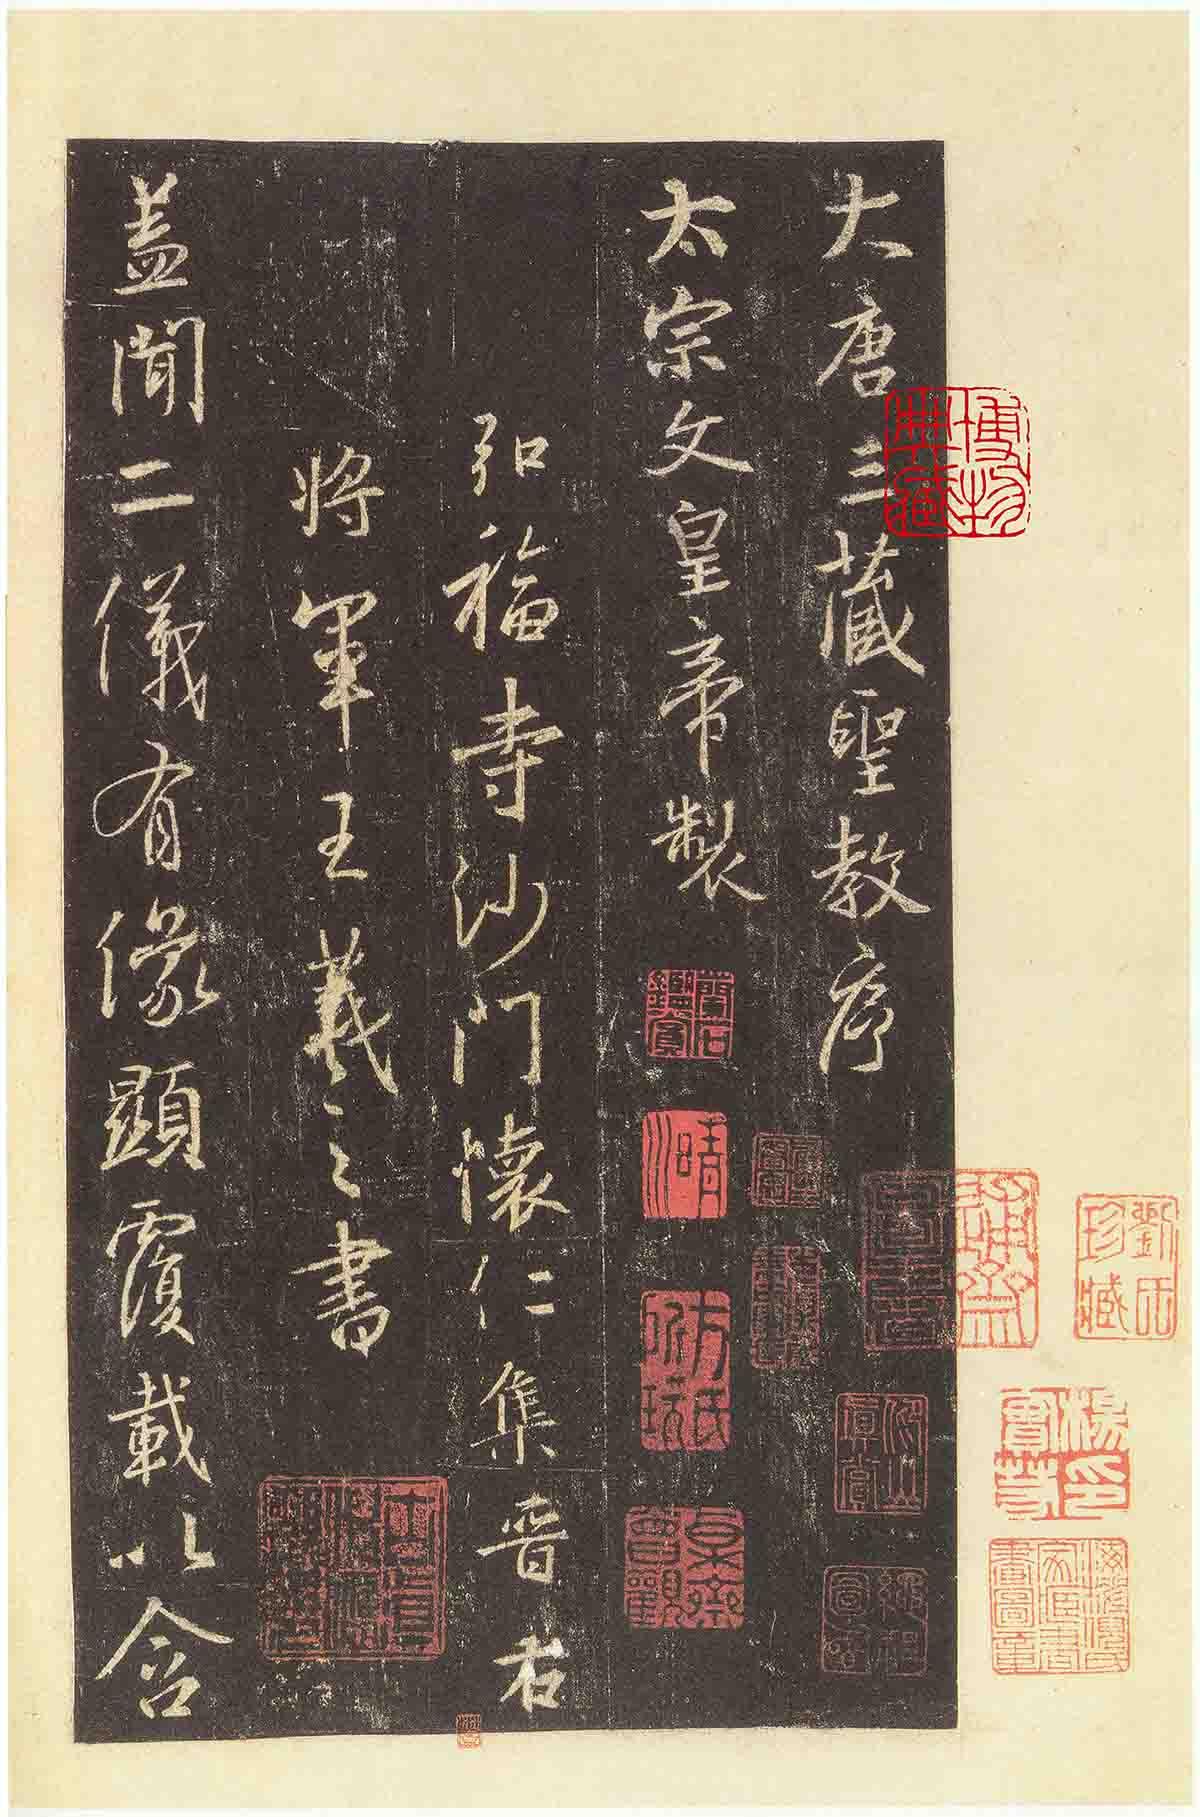 圣教序 西安碑林博物馆藏 宋拓本